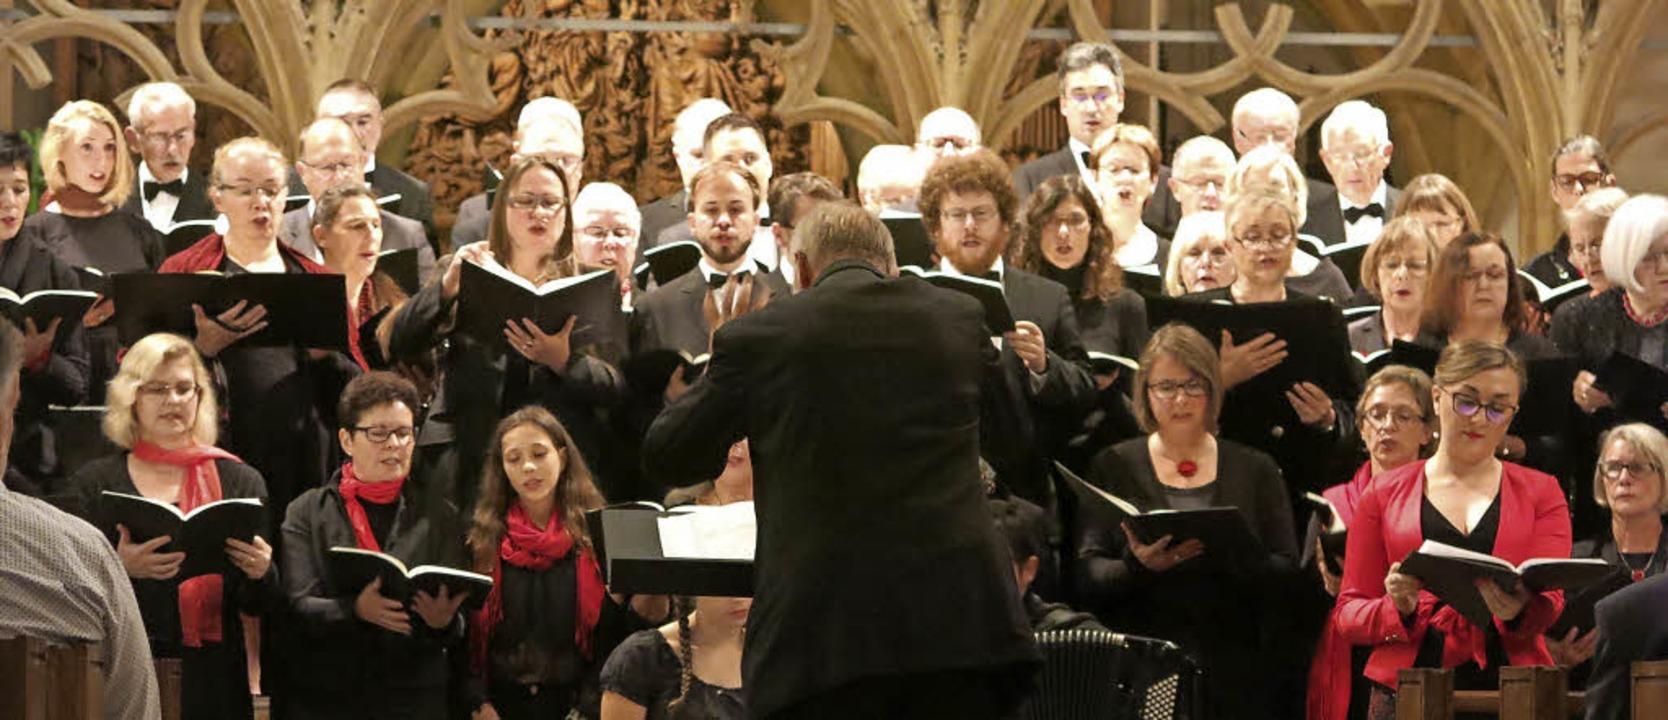 Das Breisacher Vocalensemble bei seinem Auftritt im Breisacher Münster   | Foto: Claudia Müller